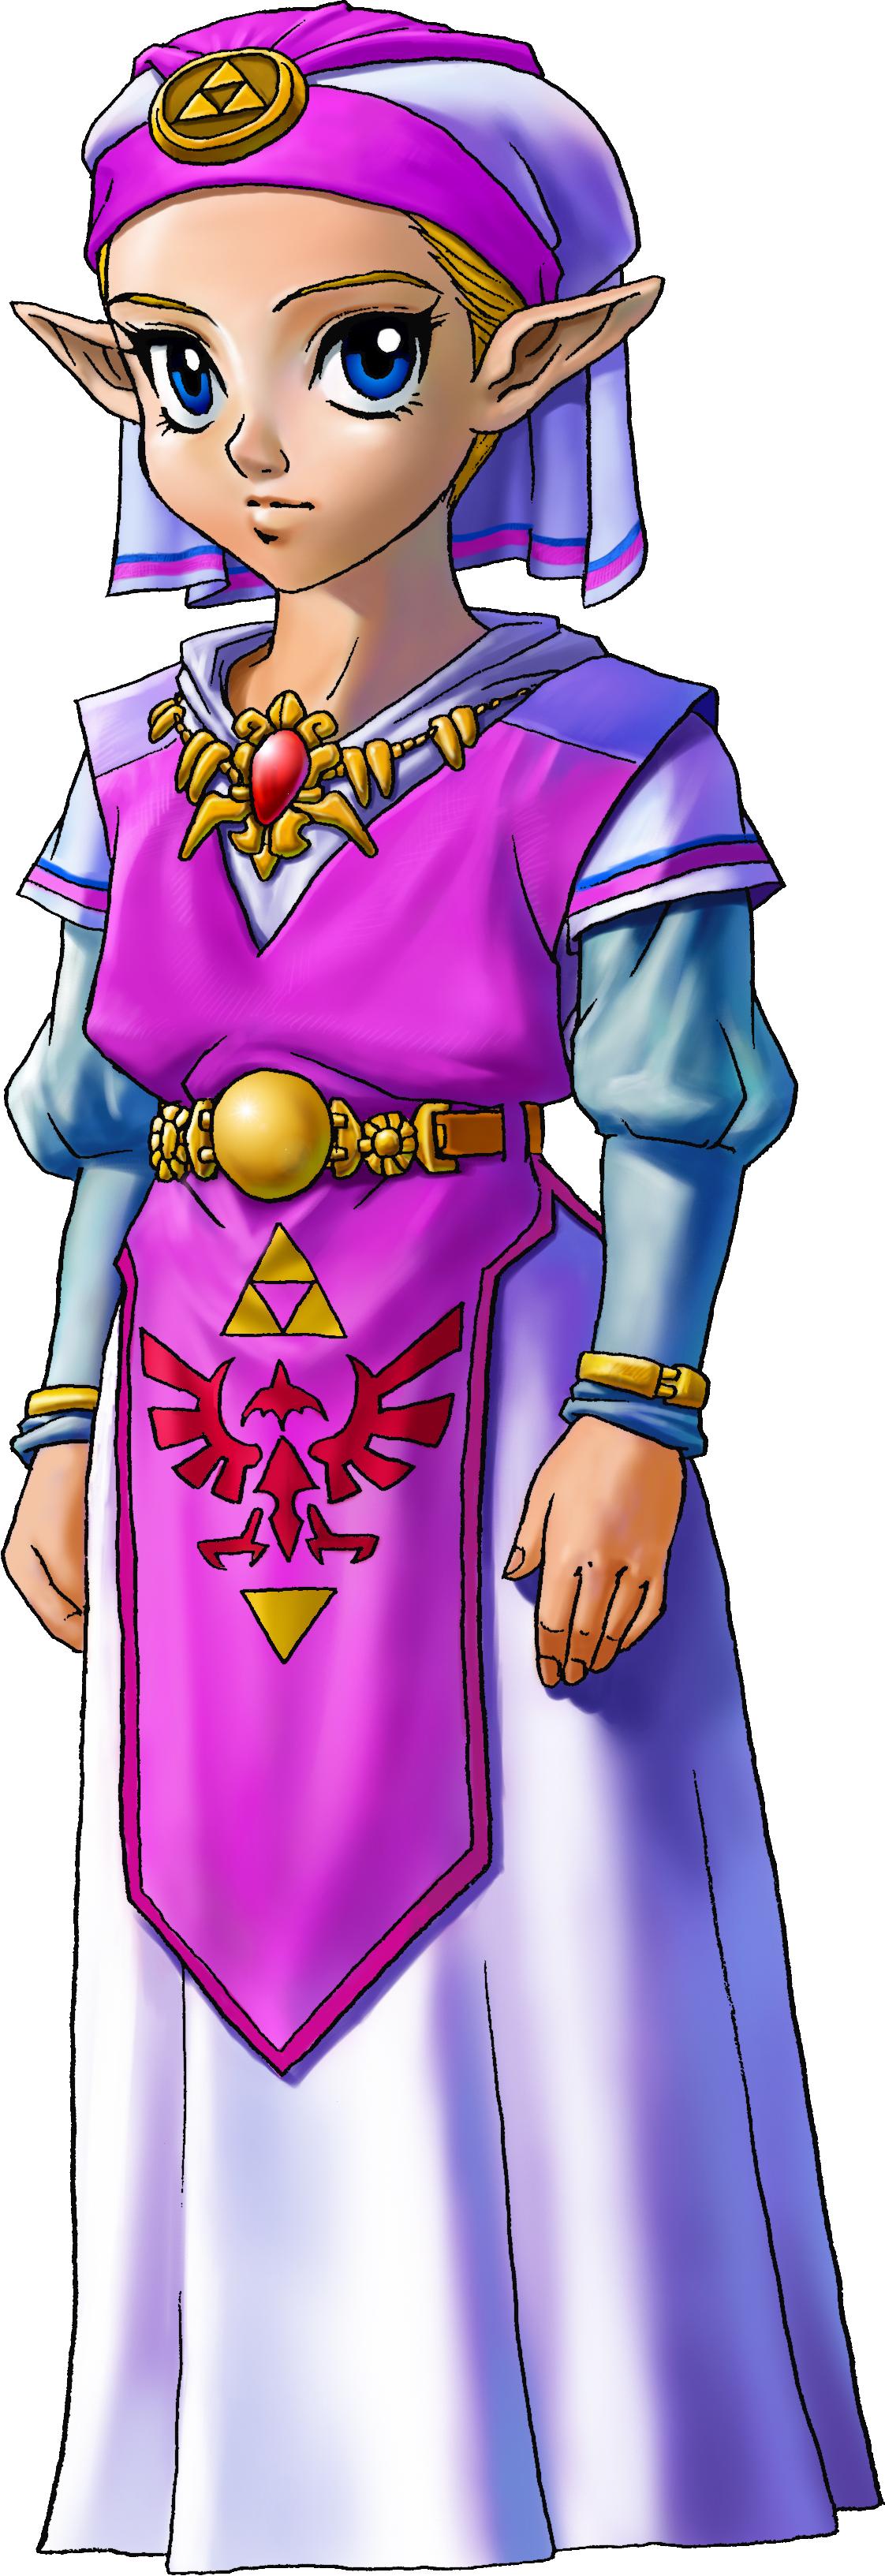 The Legend of Zelda: Ocarina of Time Zelda_ni%C3%B1a_artwork_3d